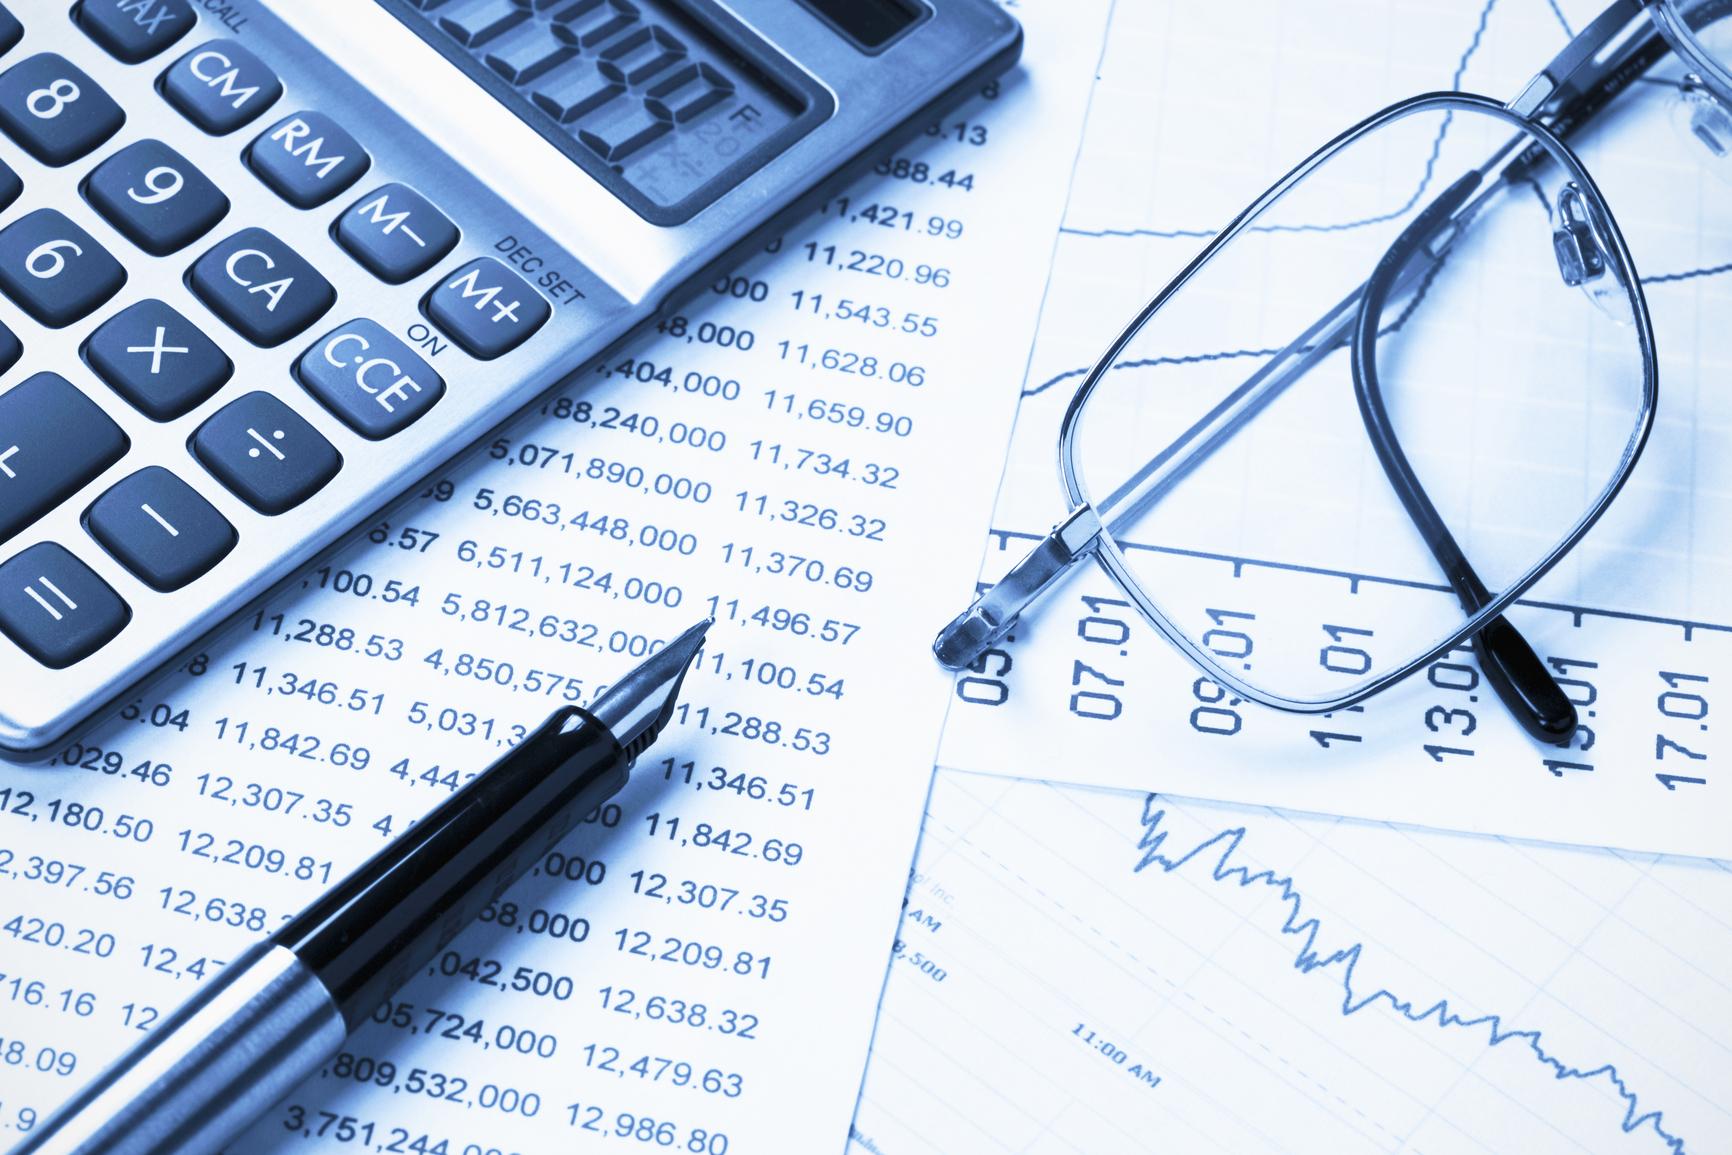 نرم افزار حسابداری ساده برای ویندوز نرم افزار حسابداری ساده براي ويندوز